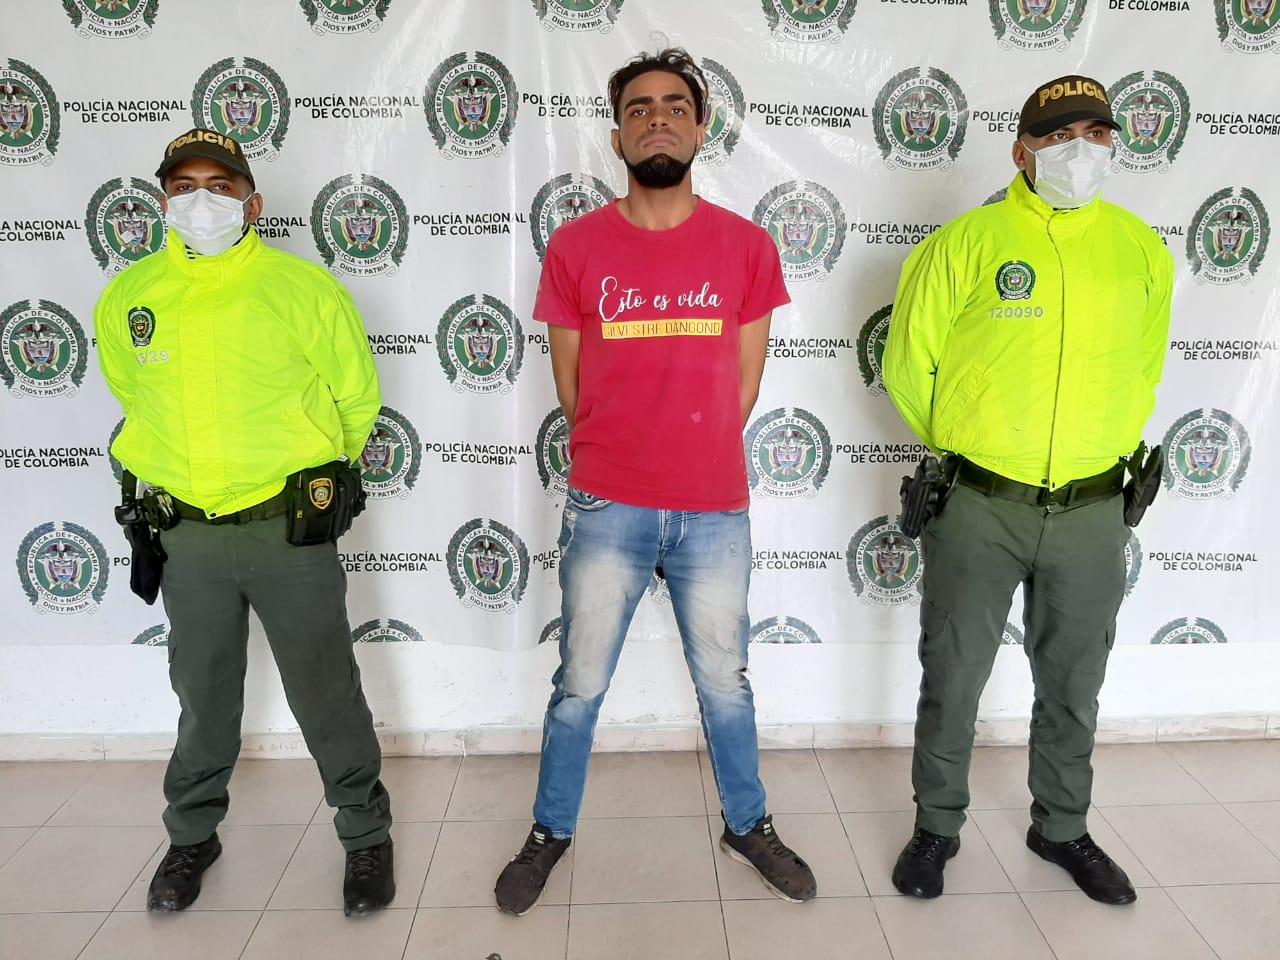 hoyennoticia.com, Casa por cárcel al #1 de los más buscados en el Cesar